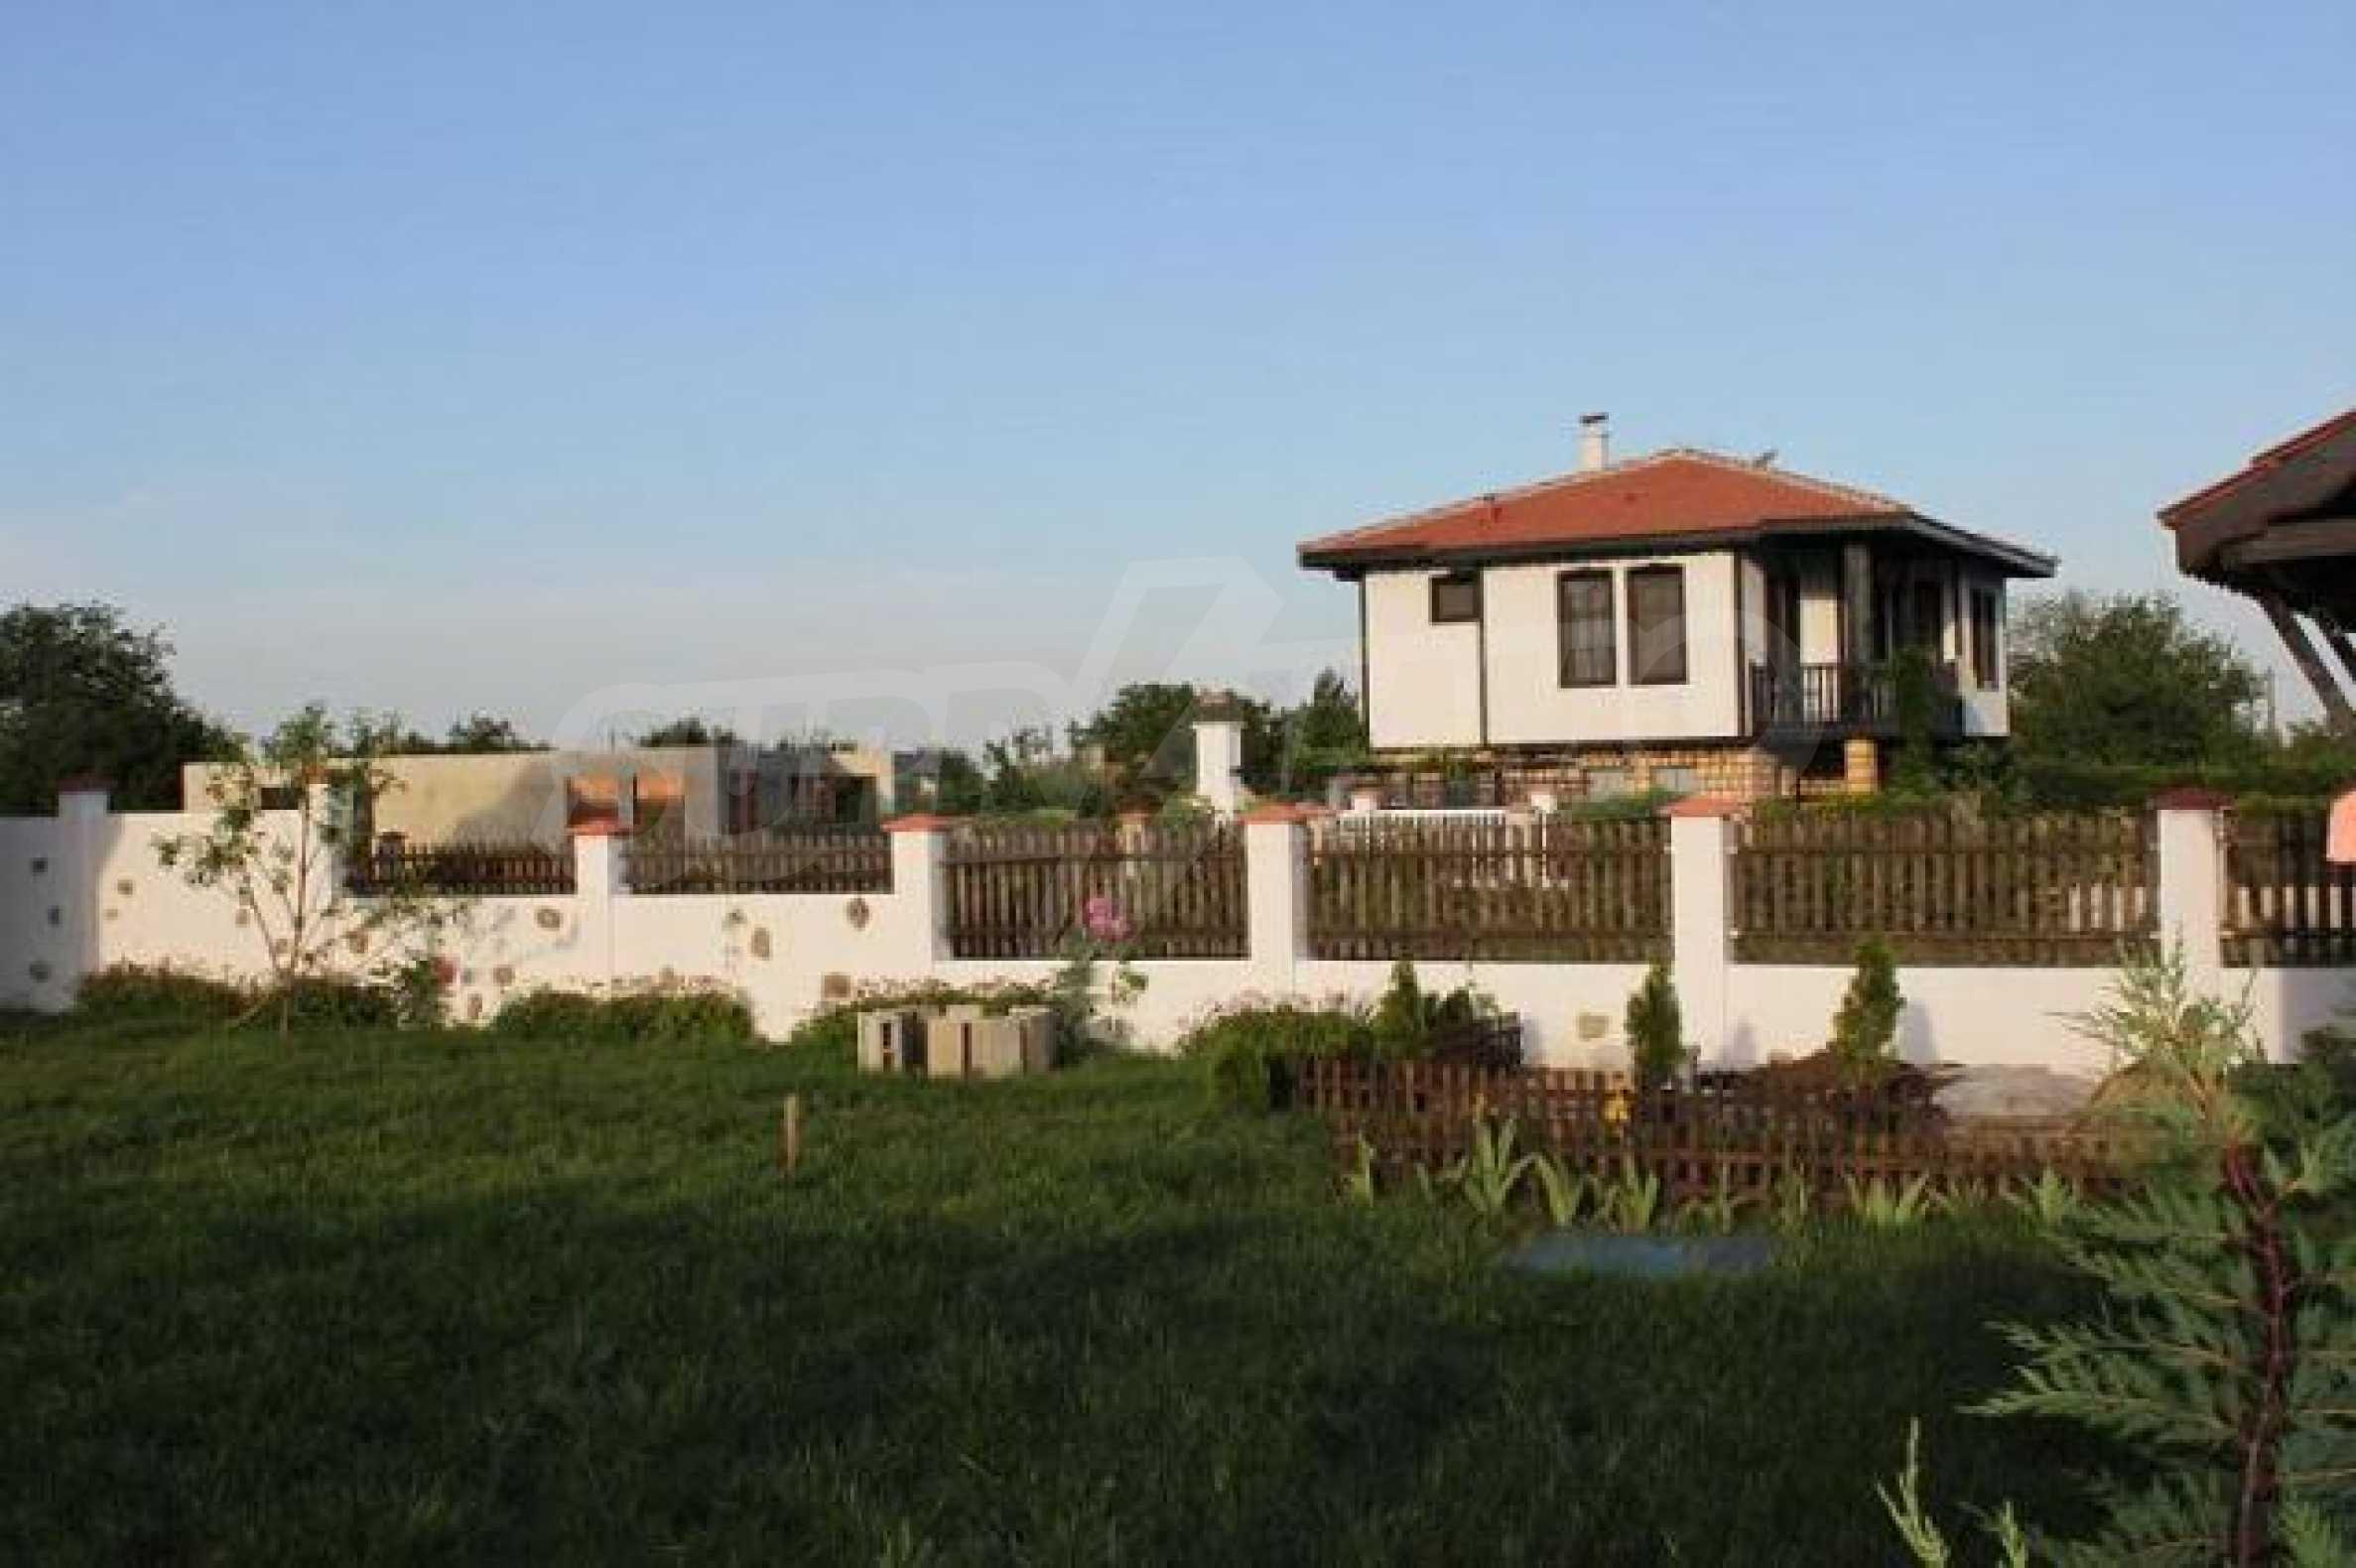 Neues zweistöckiges Haus 8 km von Baltschik entfernt 2